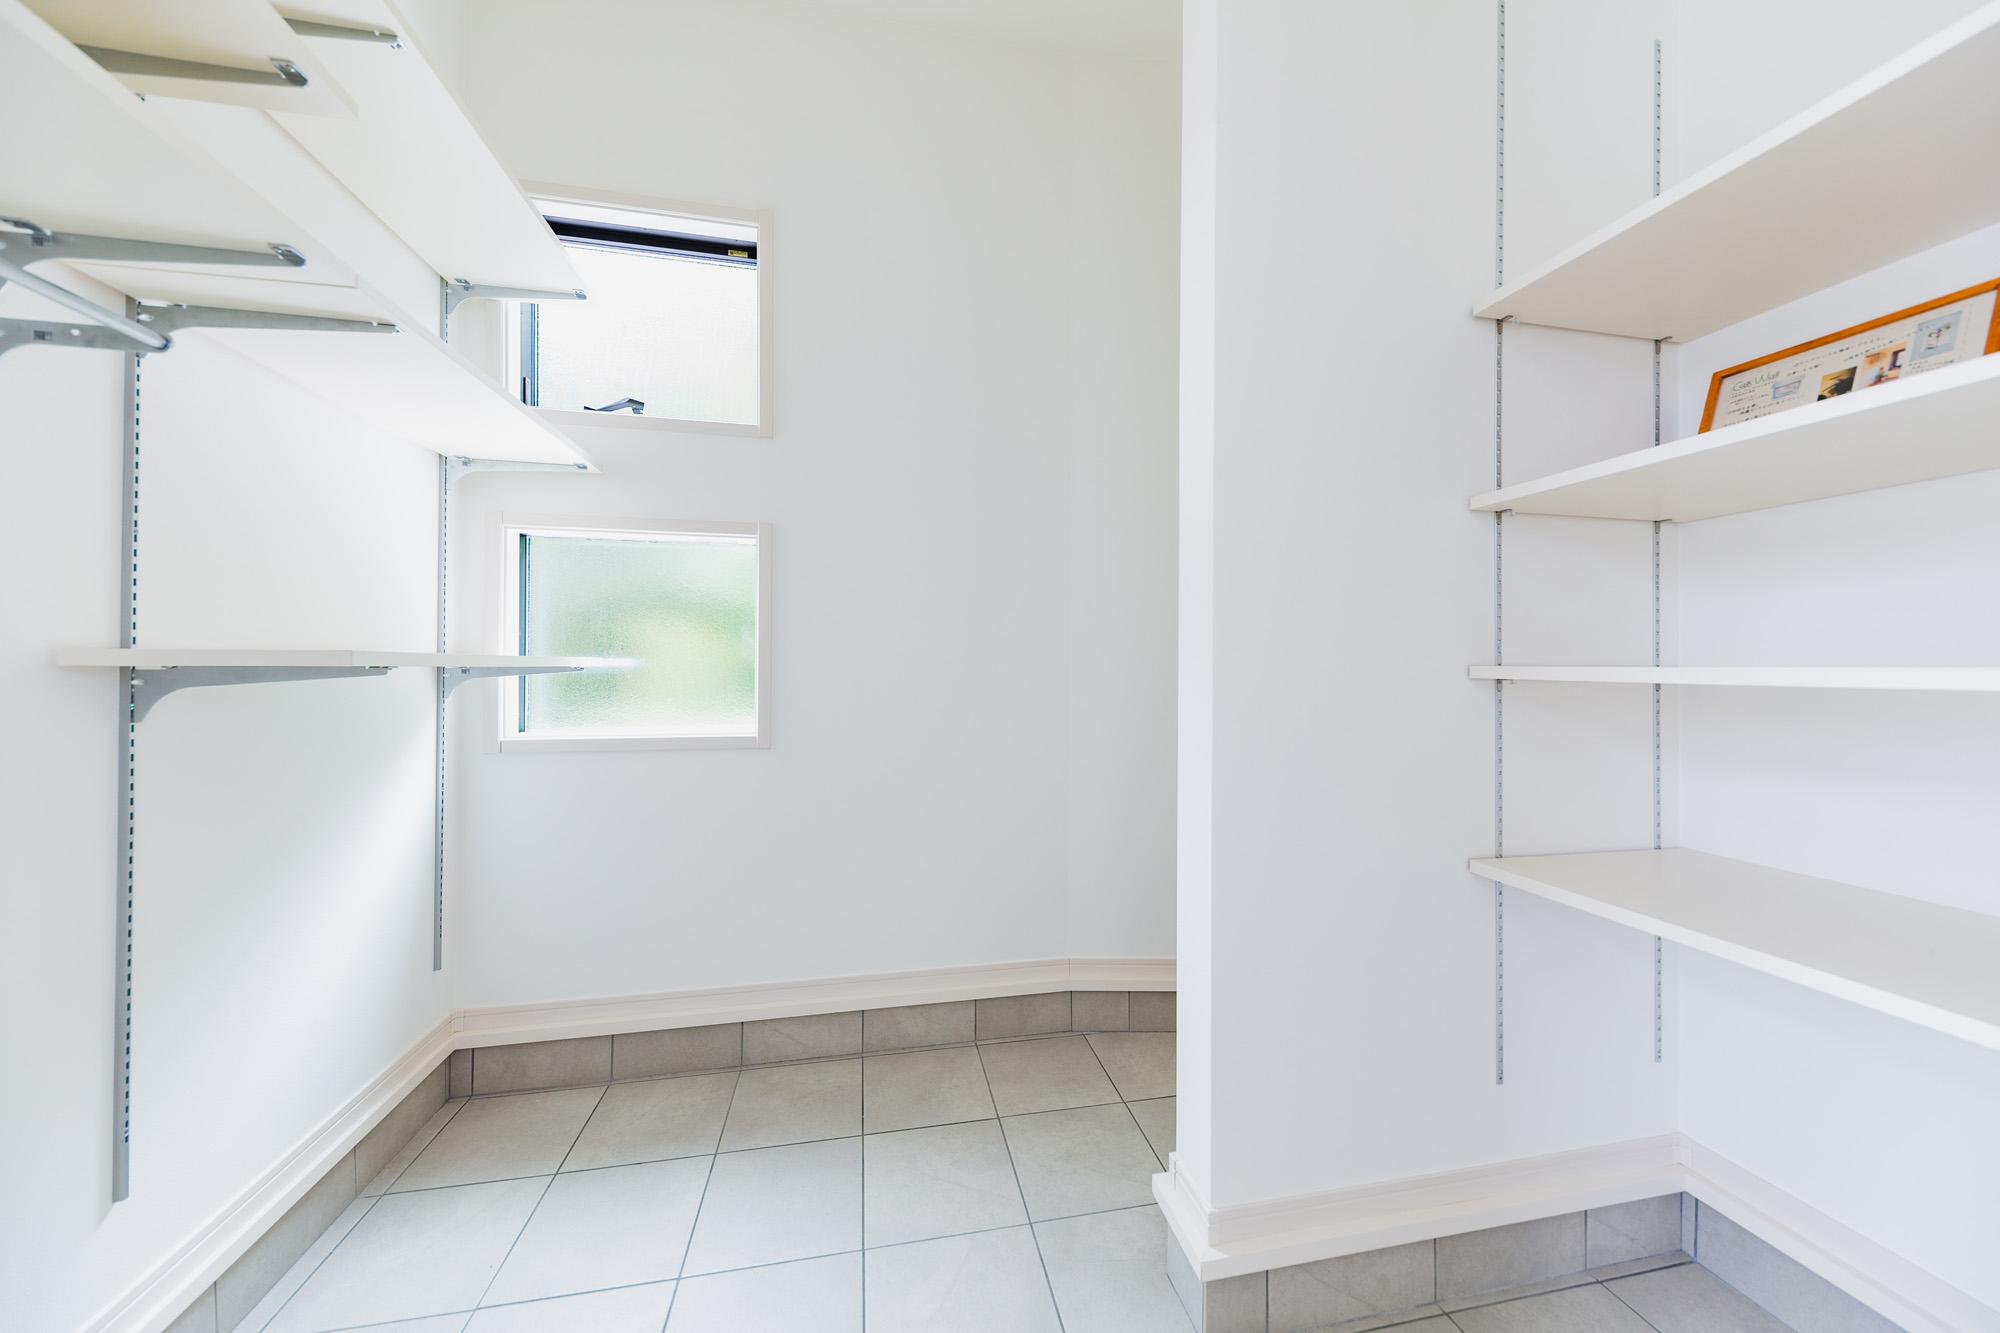 玄関横には広々とした土間収納を設備。ベビーカーやアウトドア用品など可動棚をレイアウトすることで幅広く利用可能です。